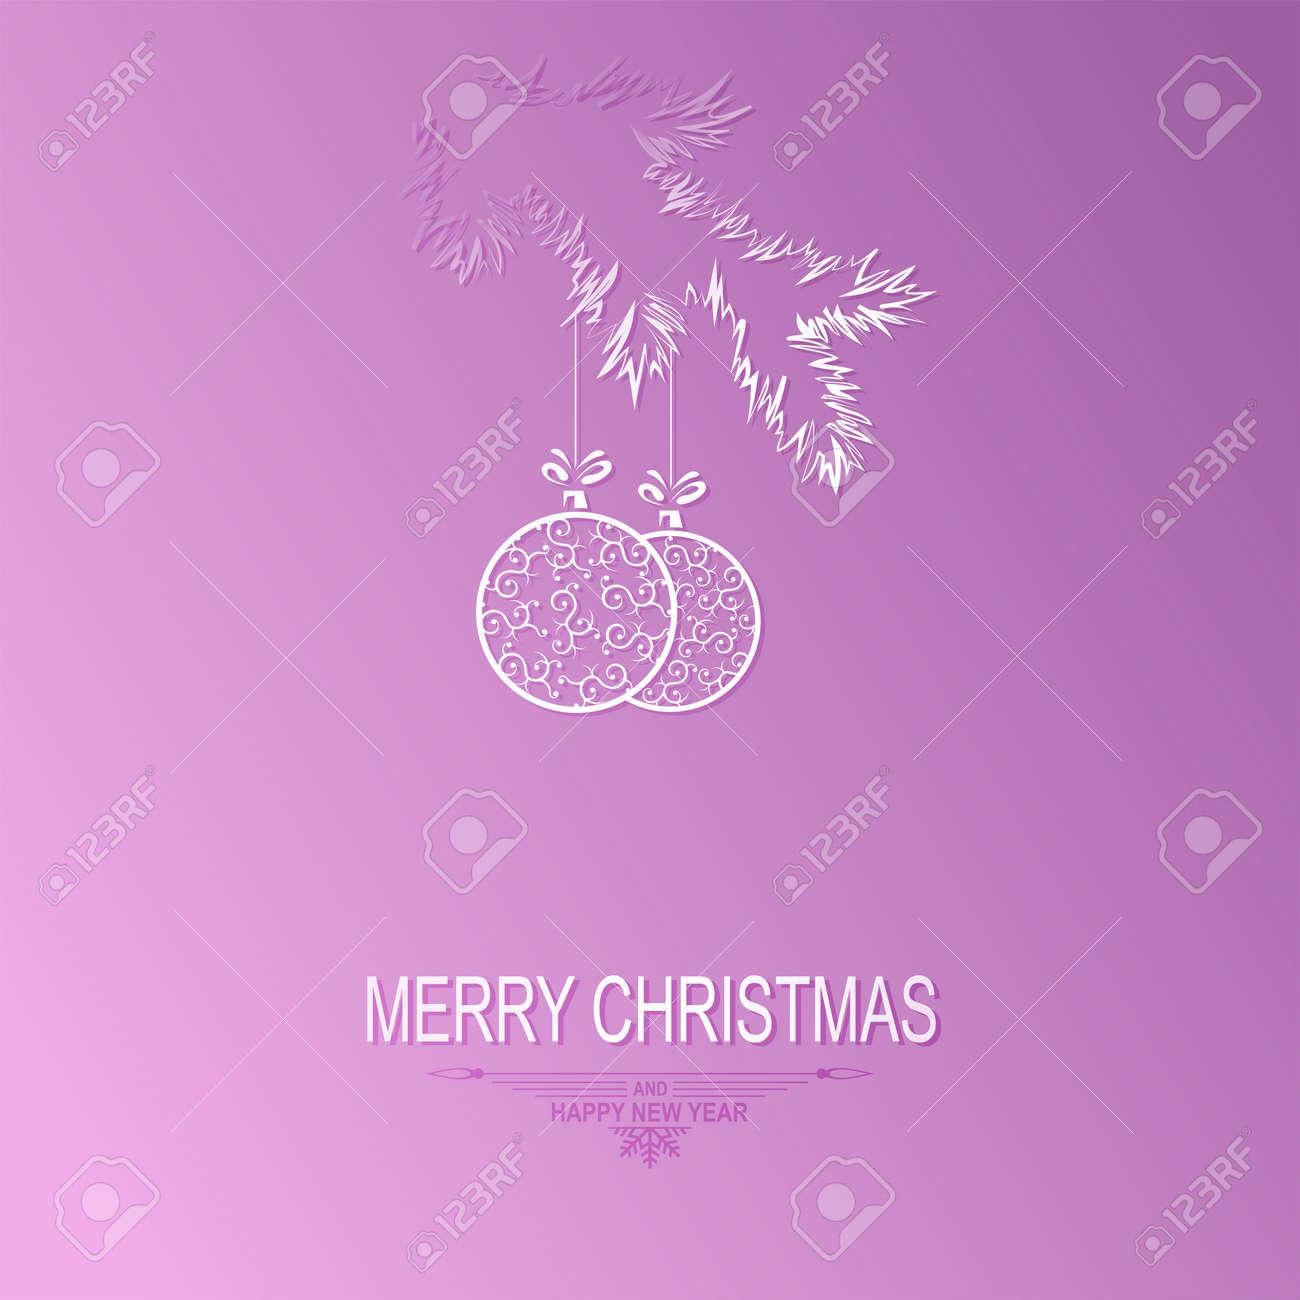 Sagoma Di Un Ramo Di Albero Di Natale Con Le Palle In Stile Retrò Su